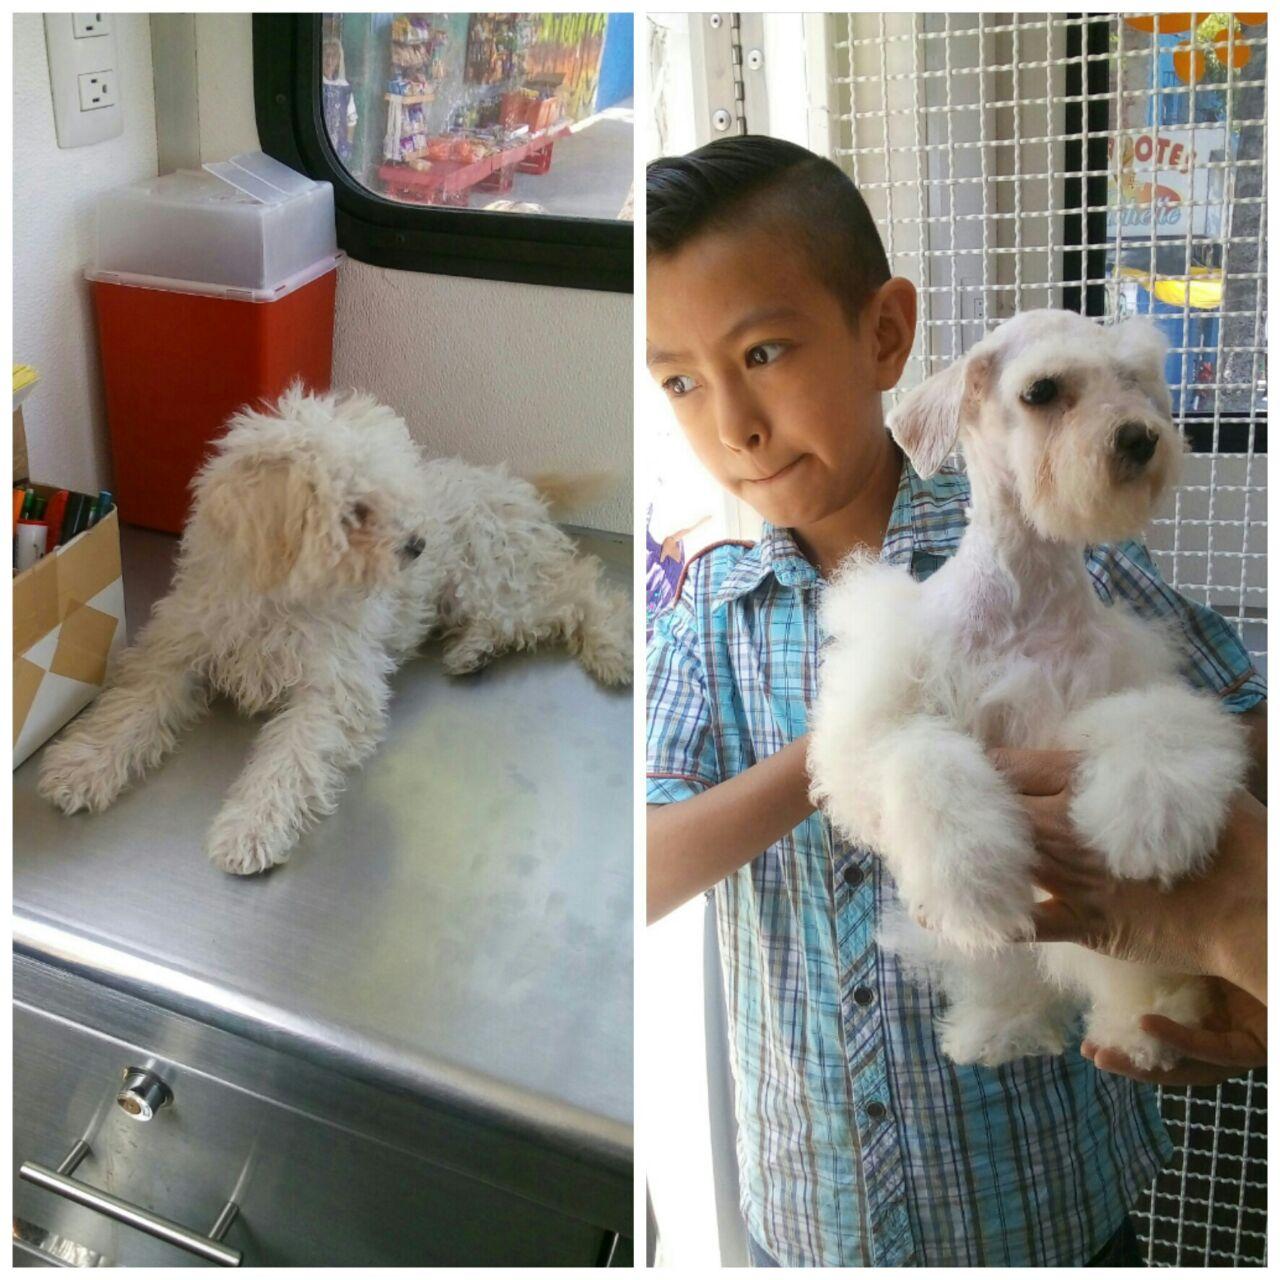 Inculcar el respeto y cuidado de los animales de compañía previene el abandono